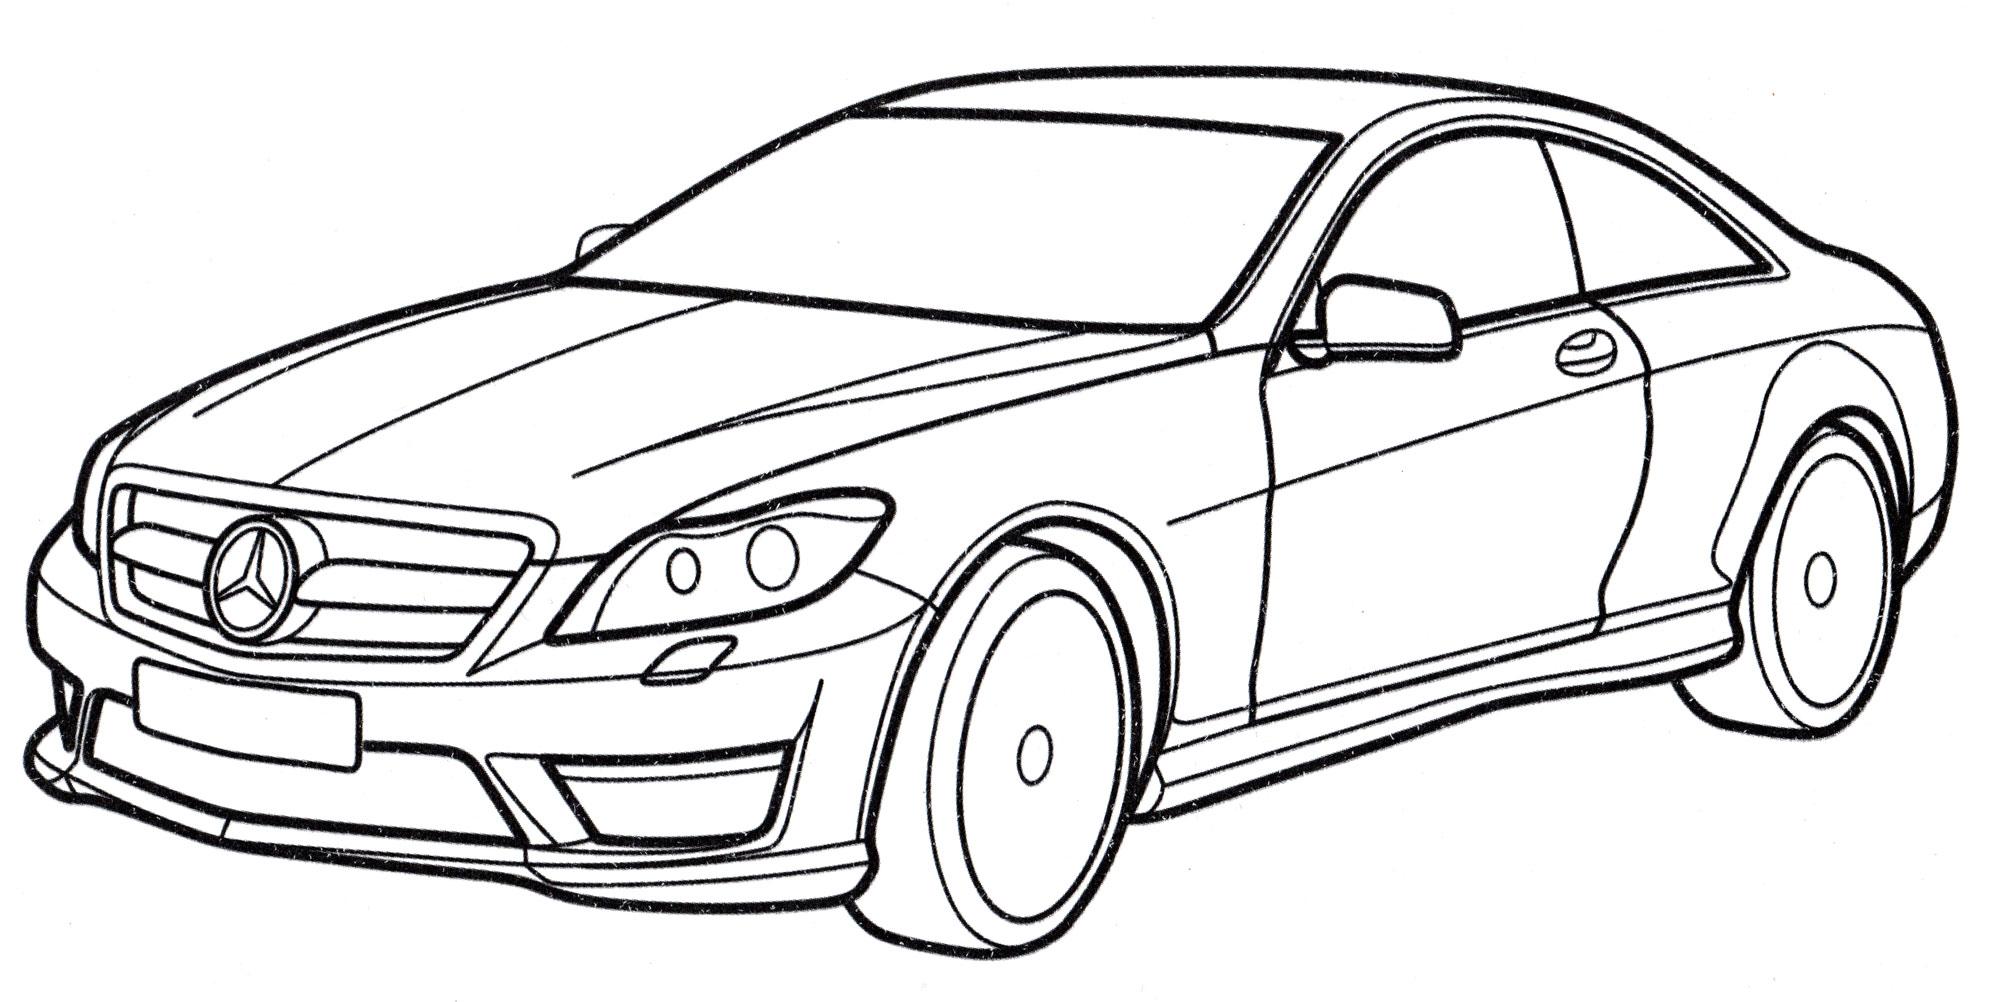 Раскраска Mercedes CL-class - распечатать бесплатно